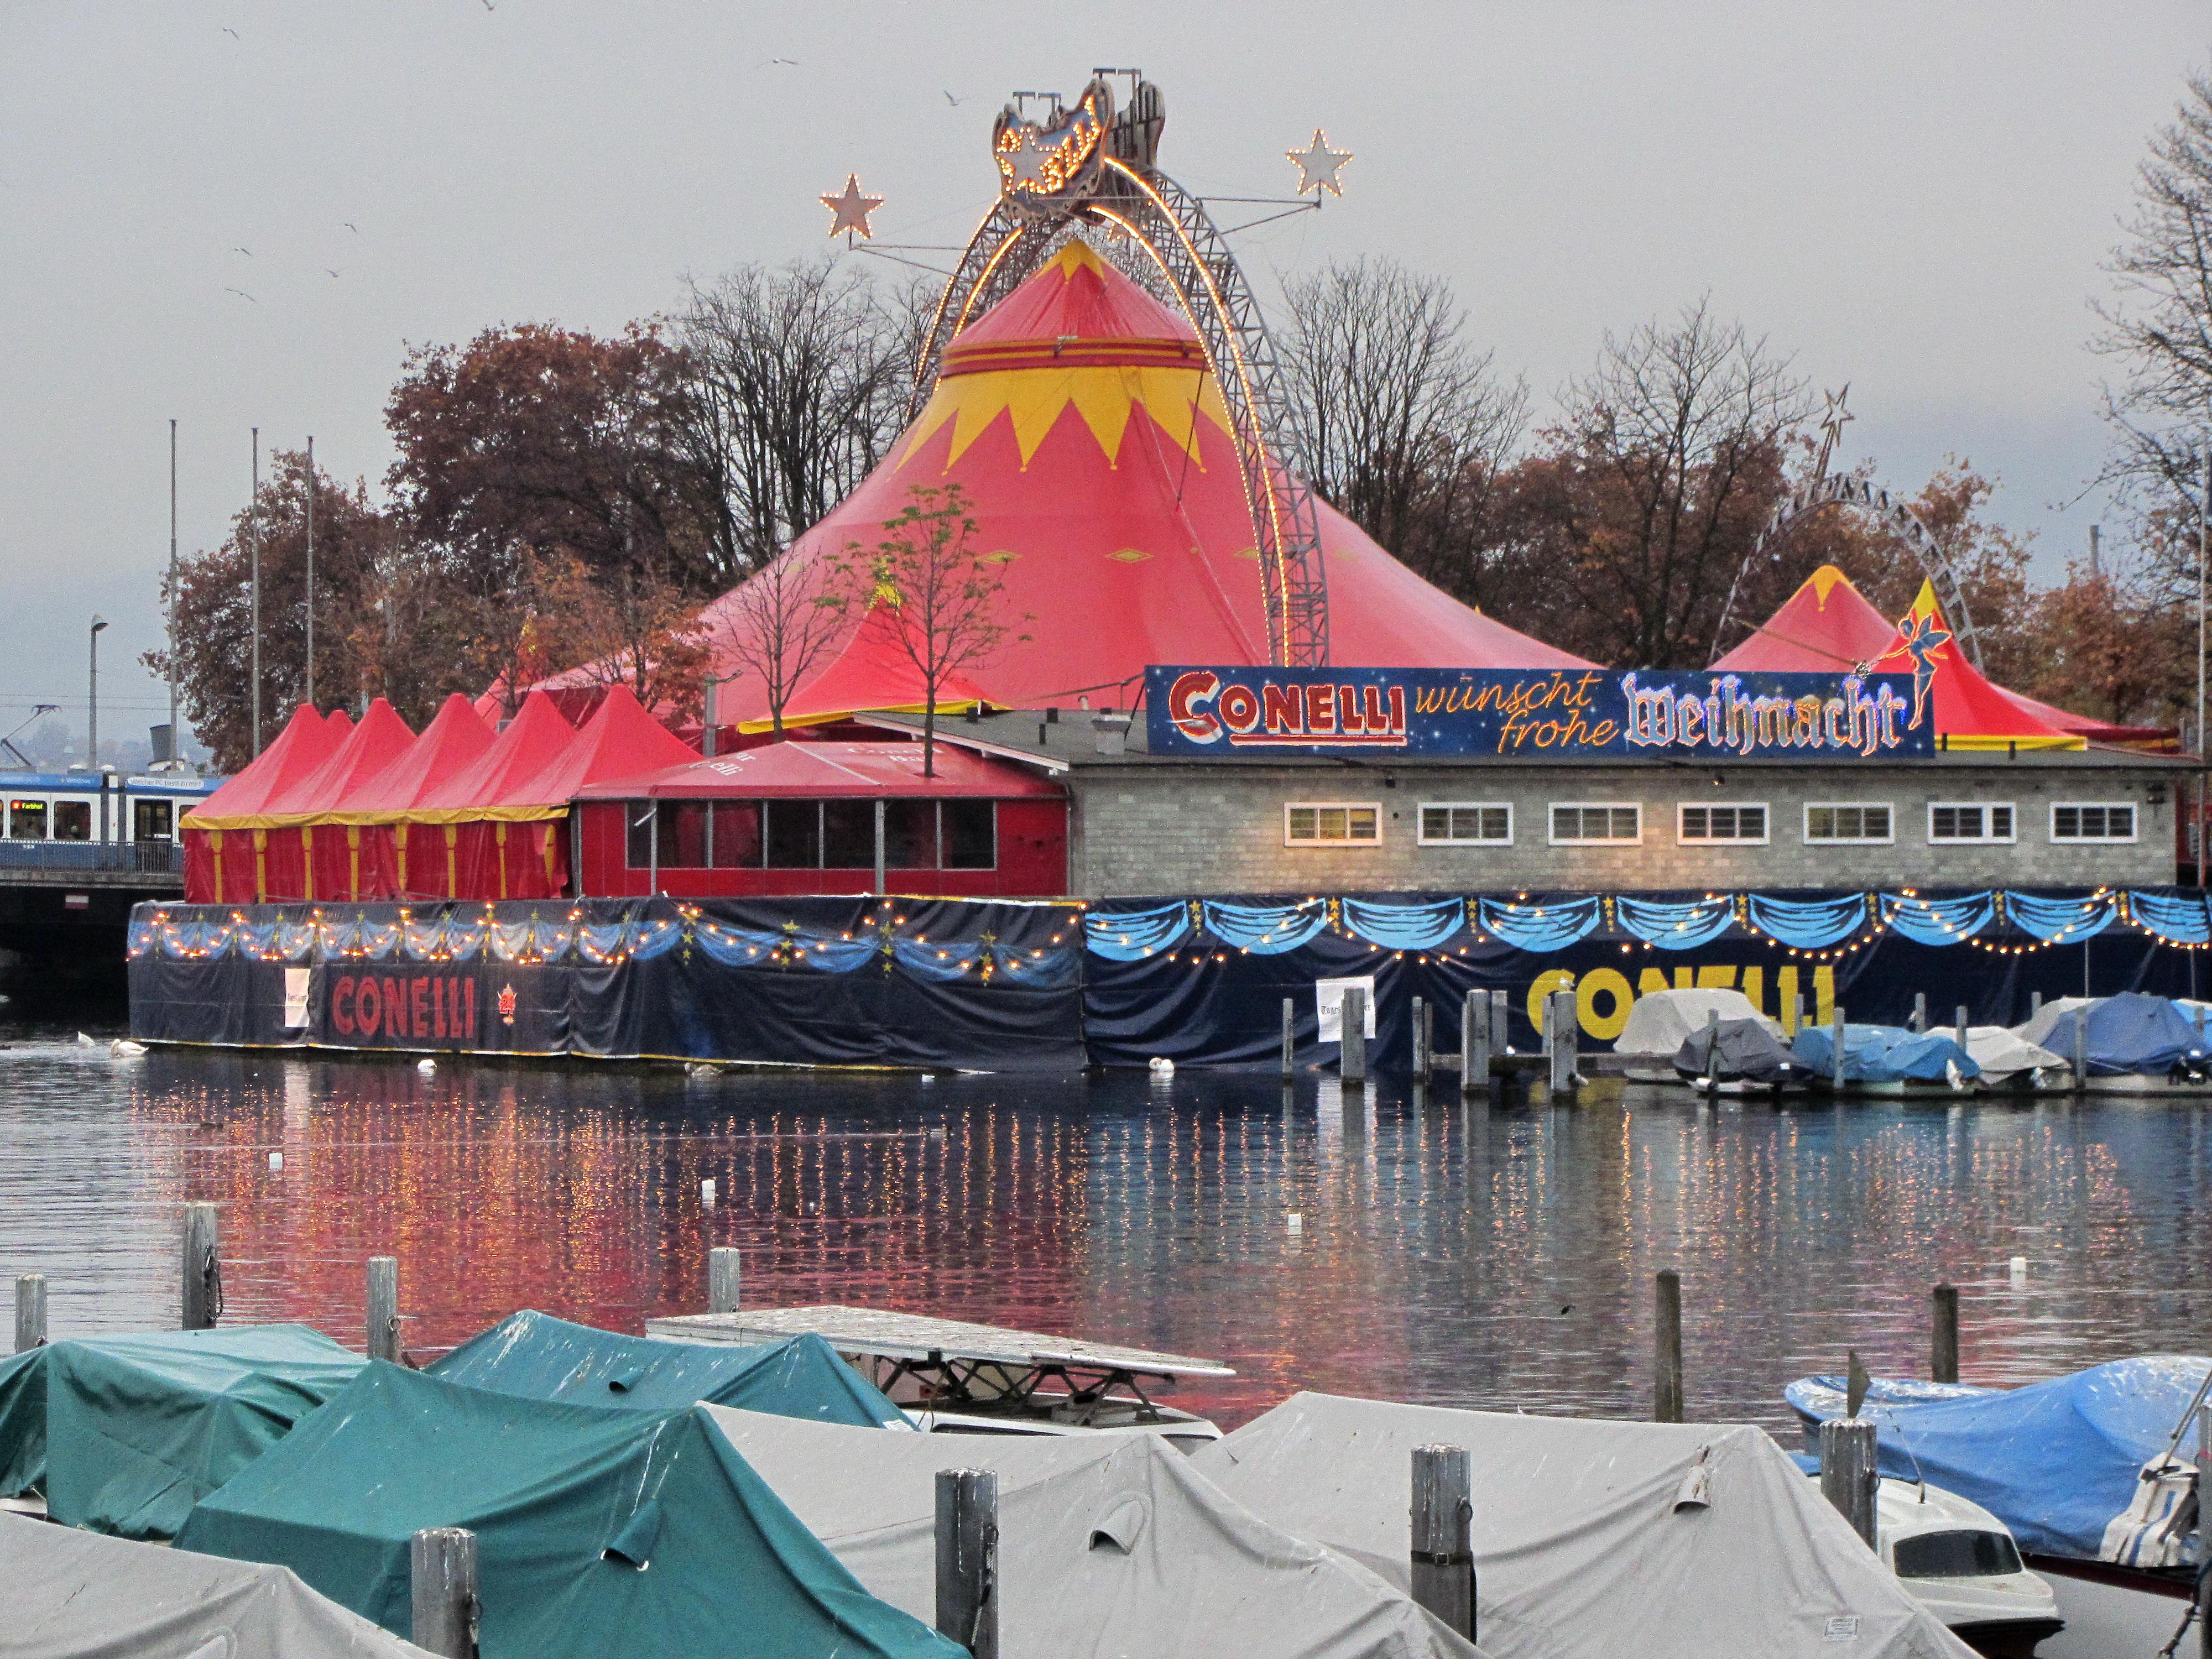 Zelt von Circus Conelli, Zürich - Quelle: WikiCommons